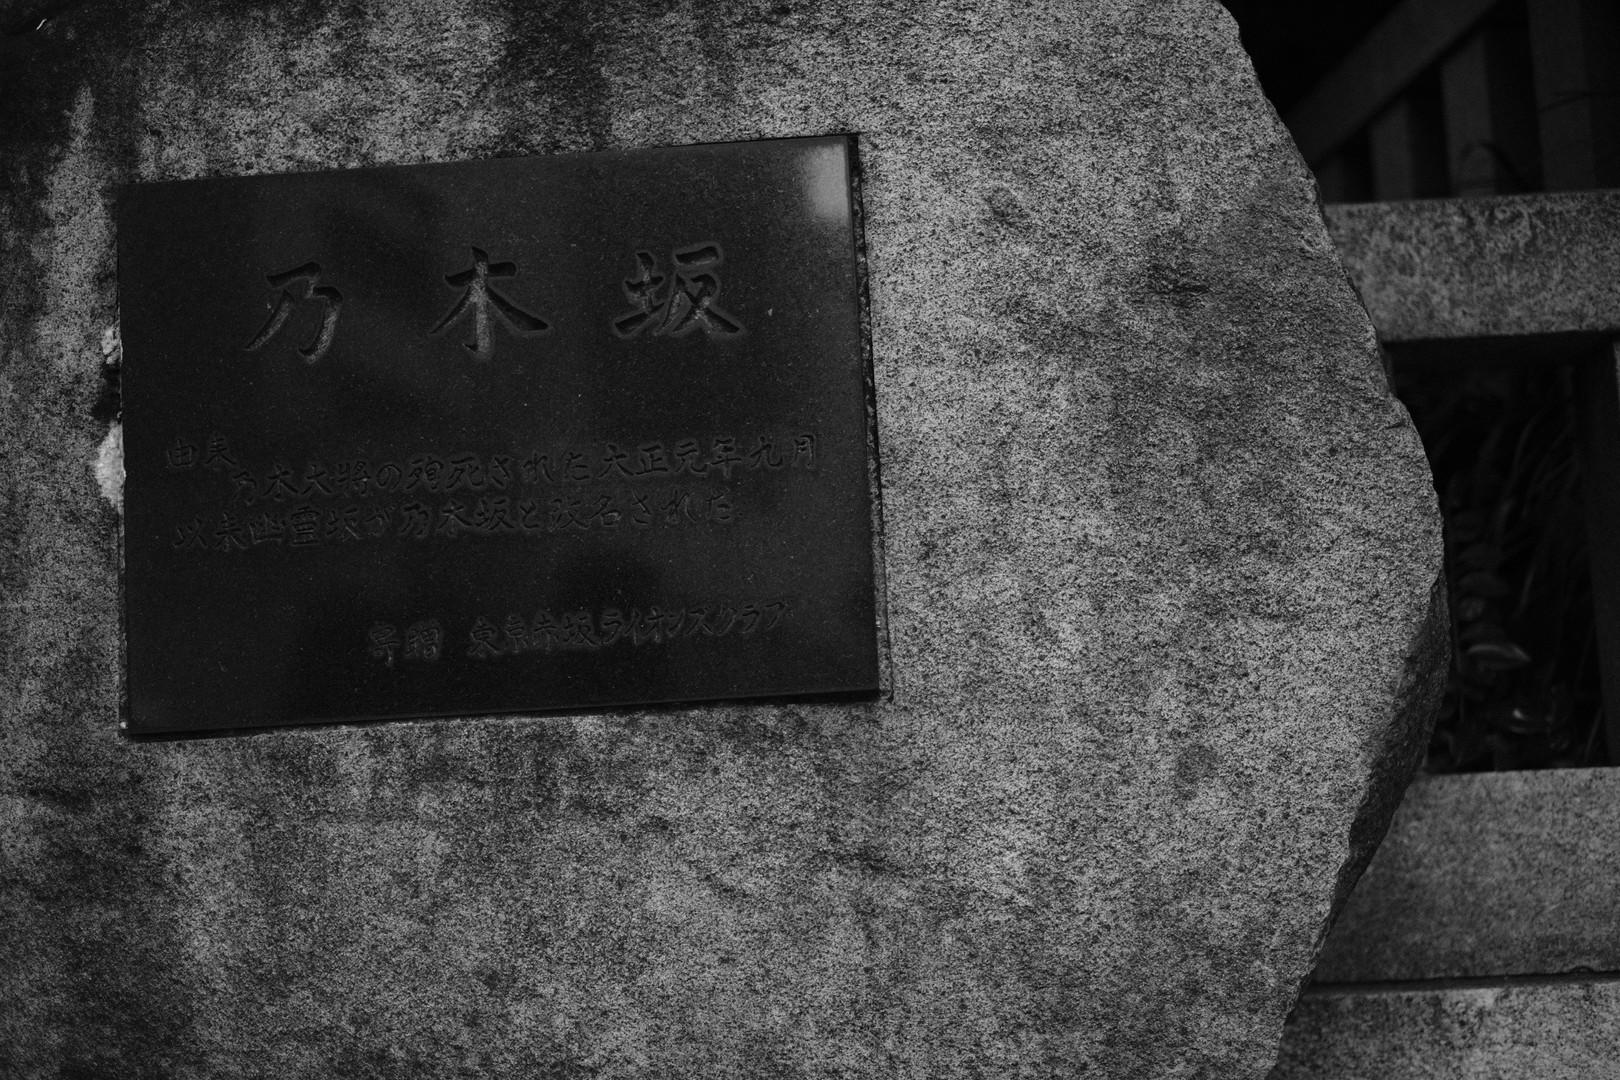 © TATSUYA SHIBATA